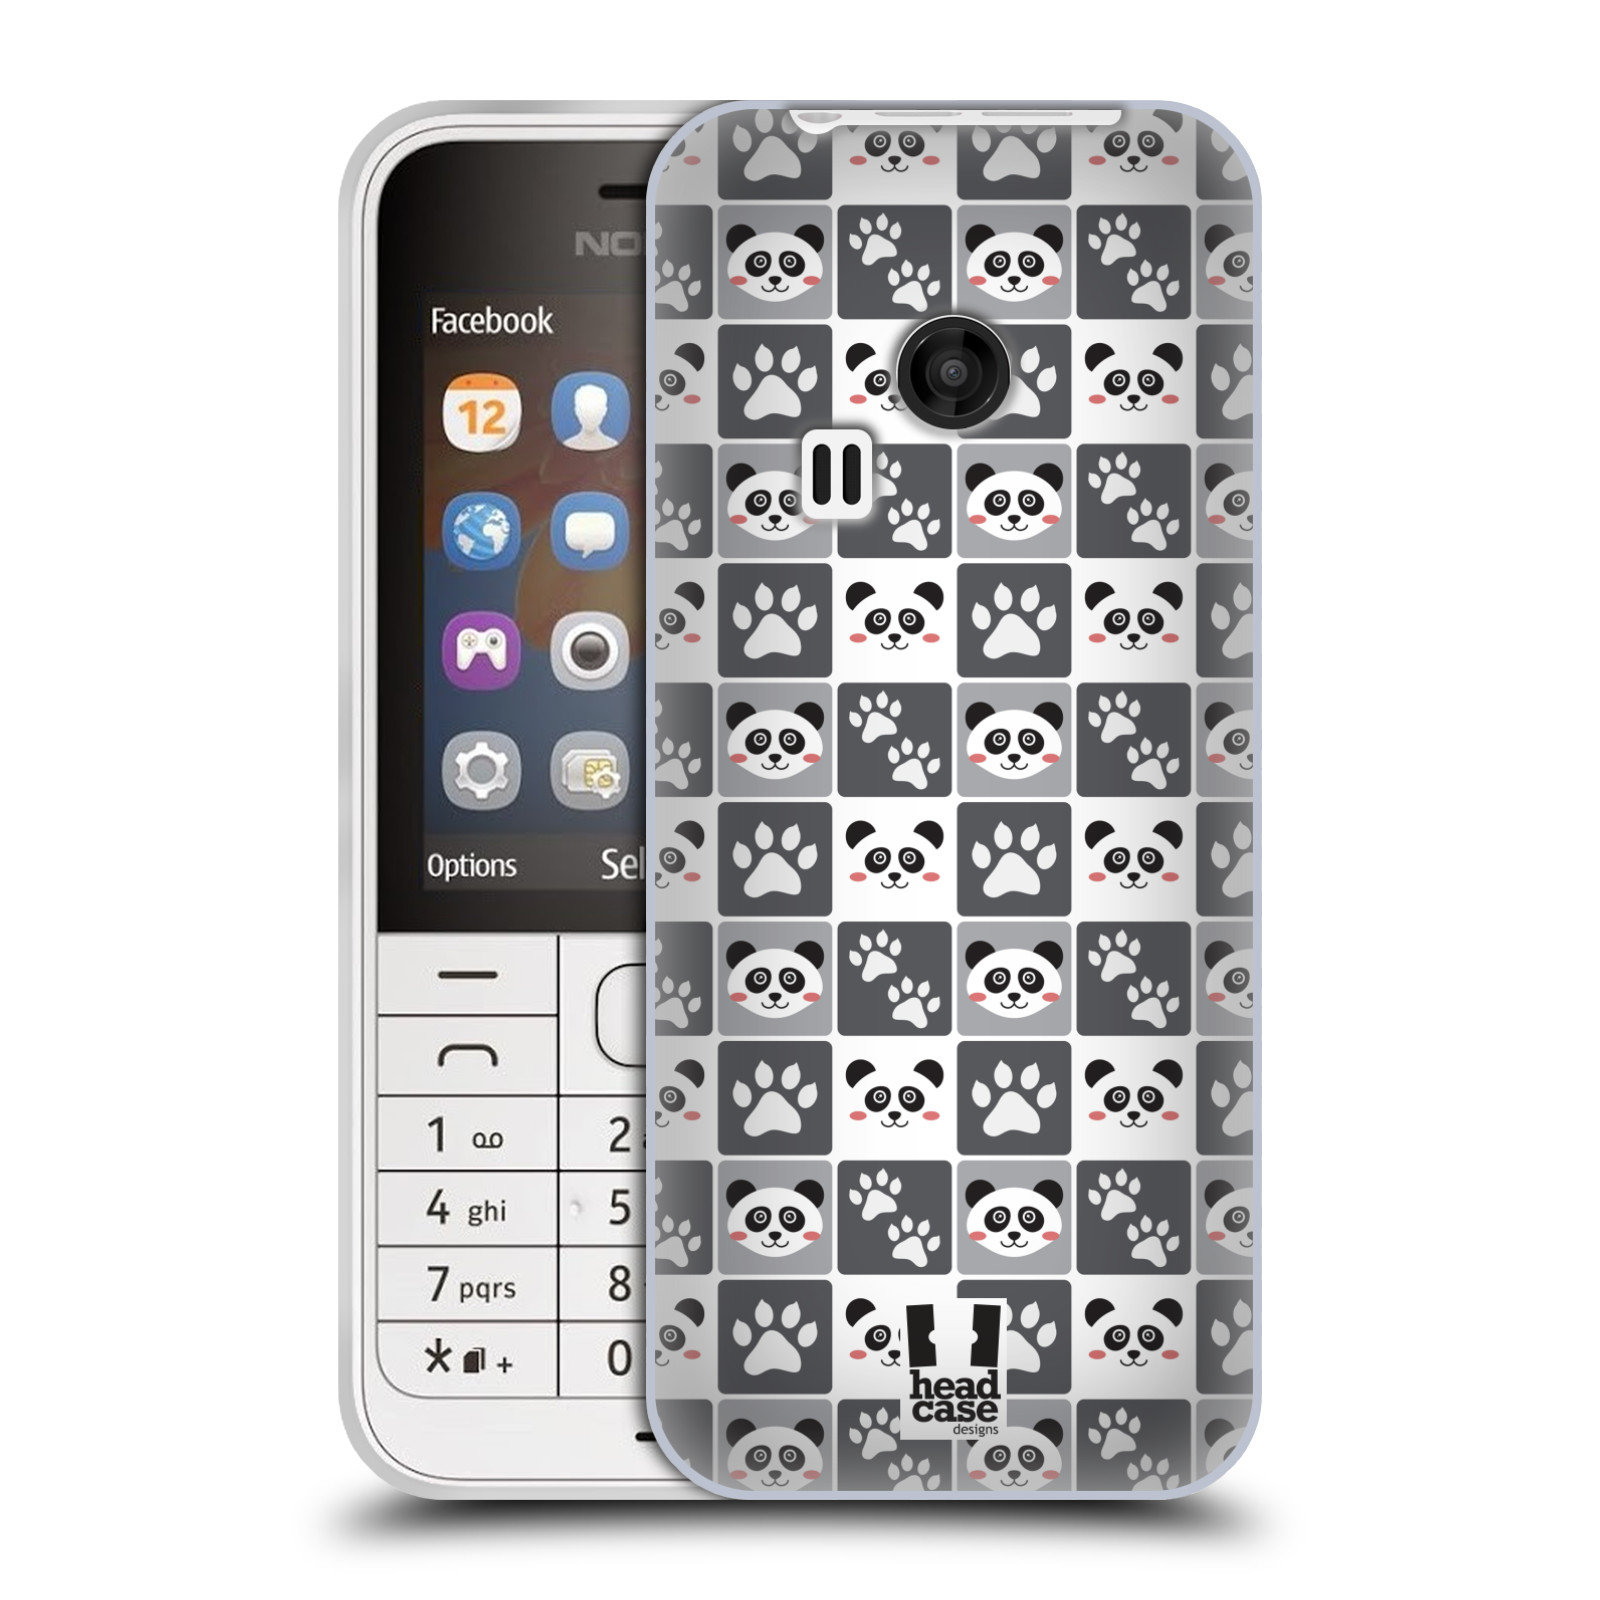 HEAD CASE silikonový obal na mobil NOKIA 220 / NOKIA 220 DUAL SIM vzor Zvířecí razítka MEDVÍDEK PANDA